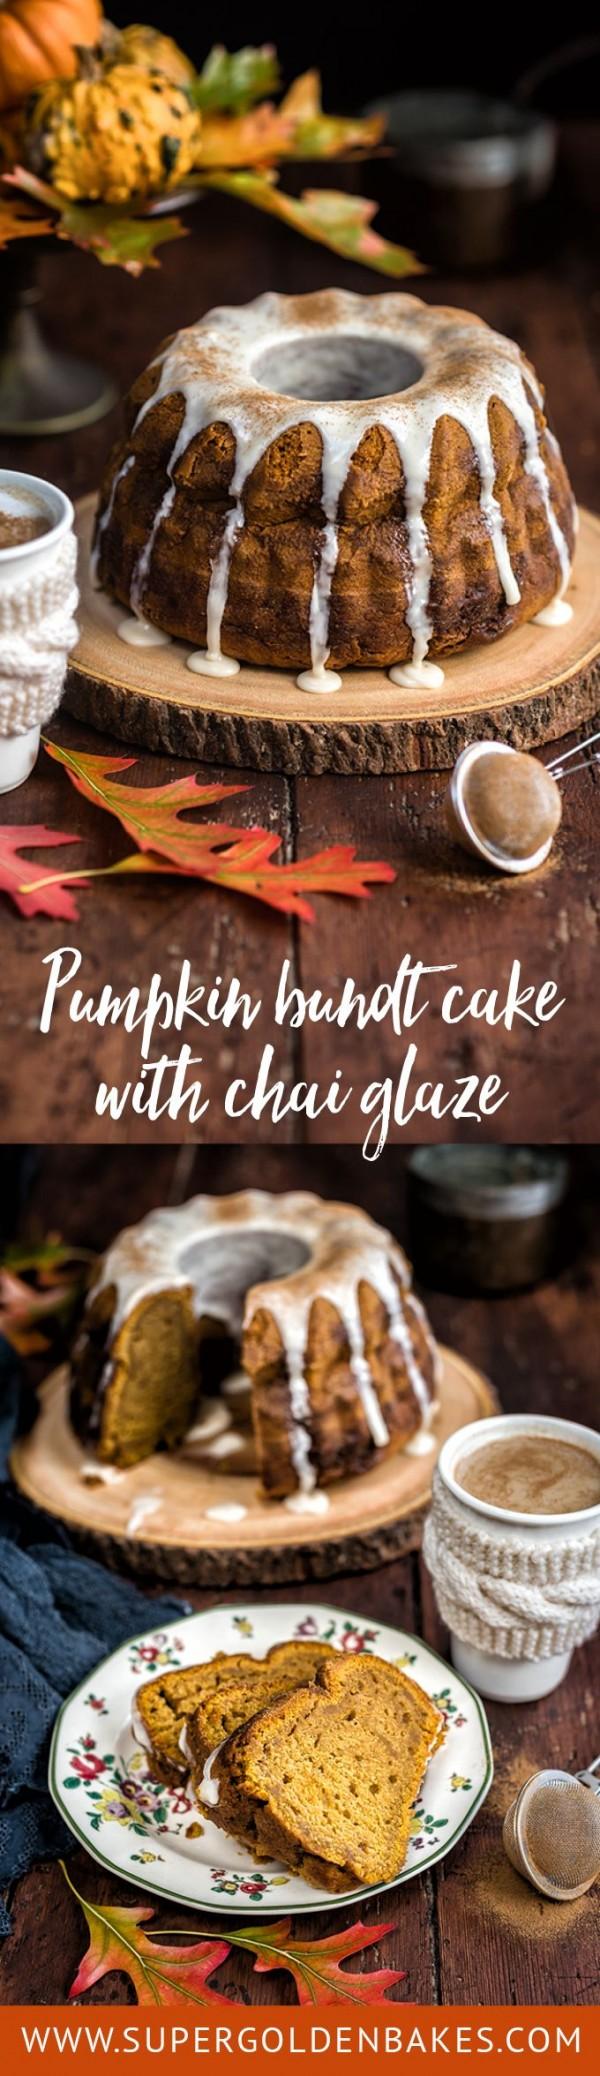 Get the recipe Pumpkin Bundt Cake with Chai Glaze @recipes_to_go